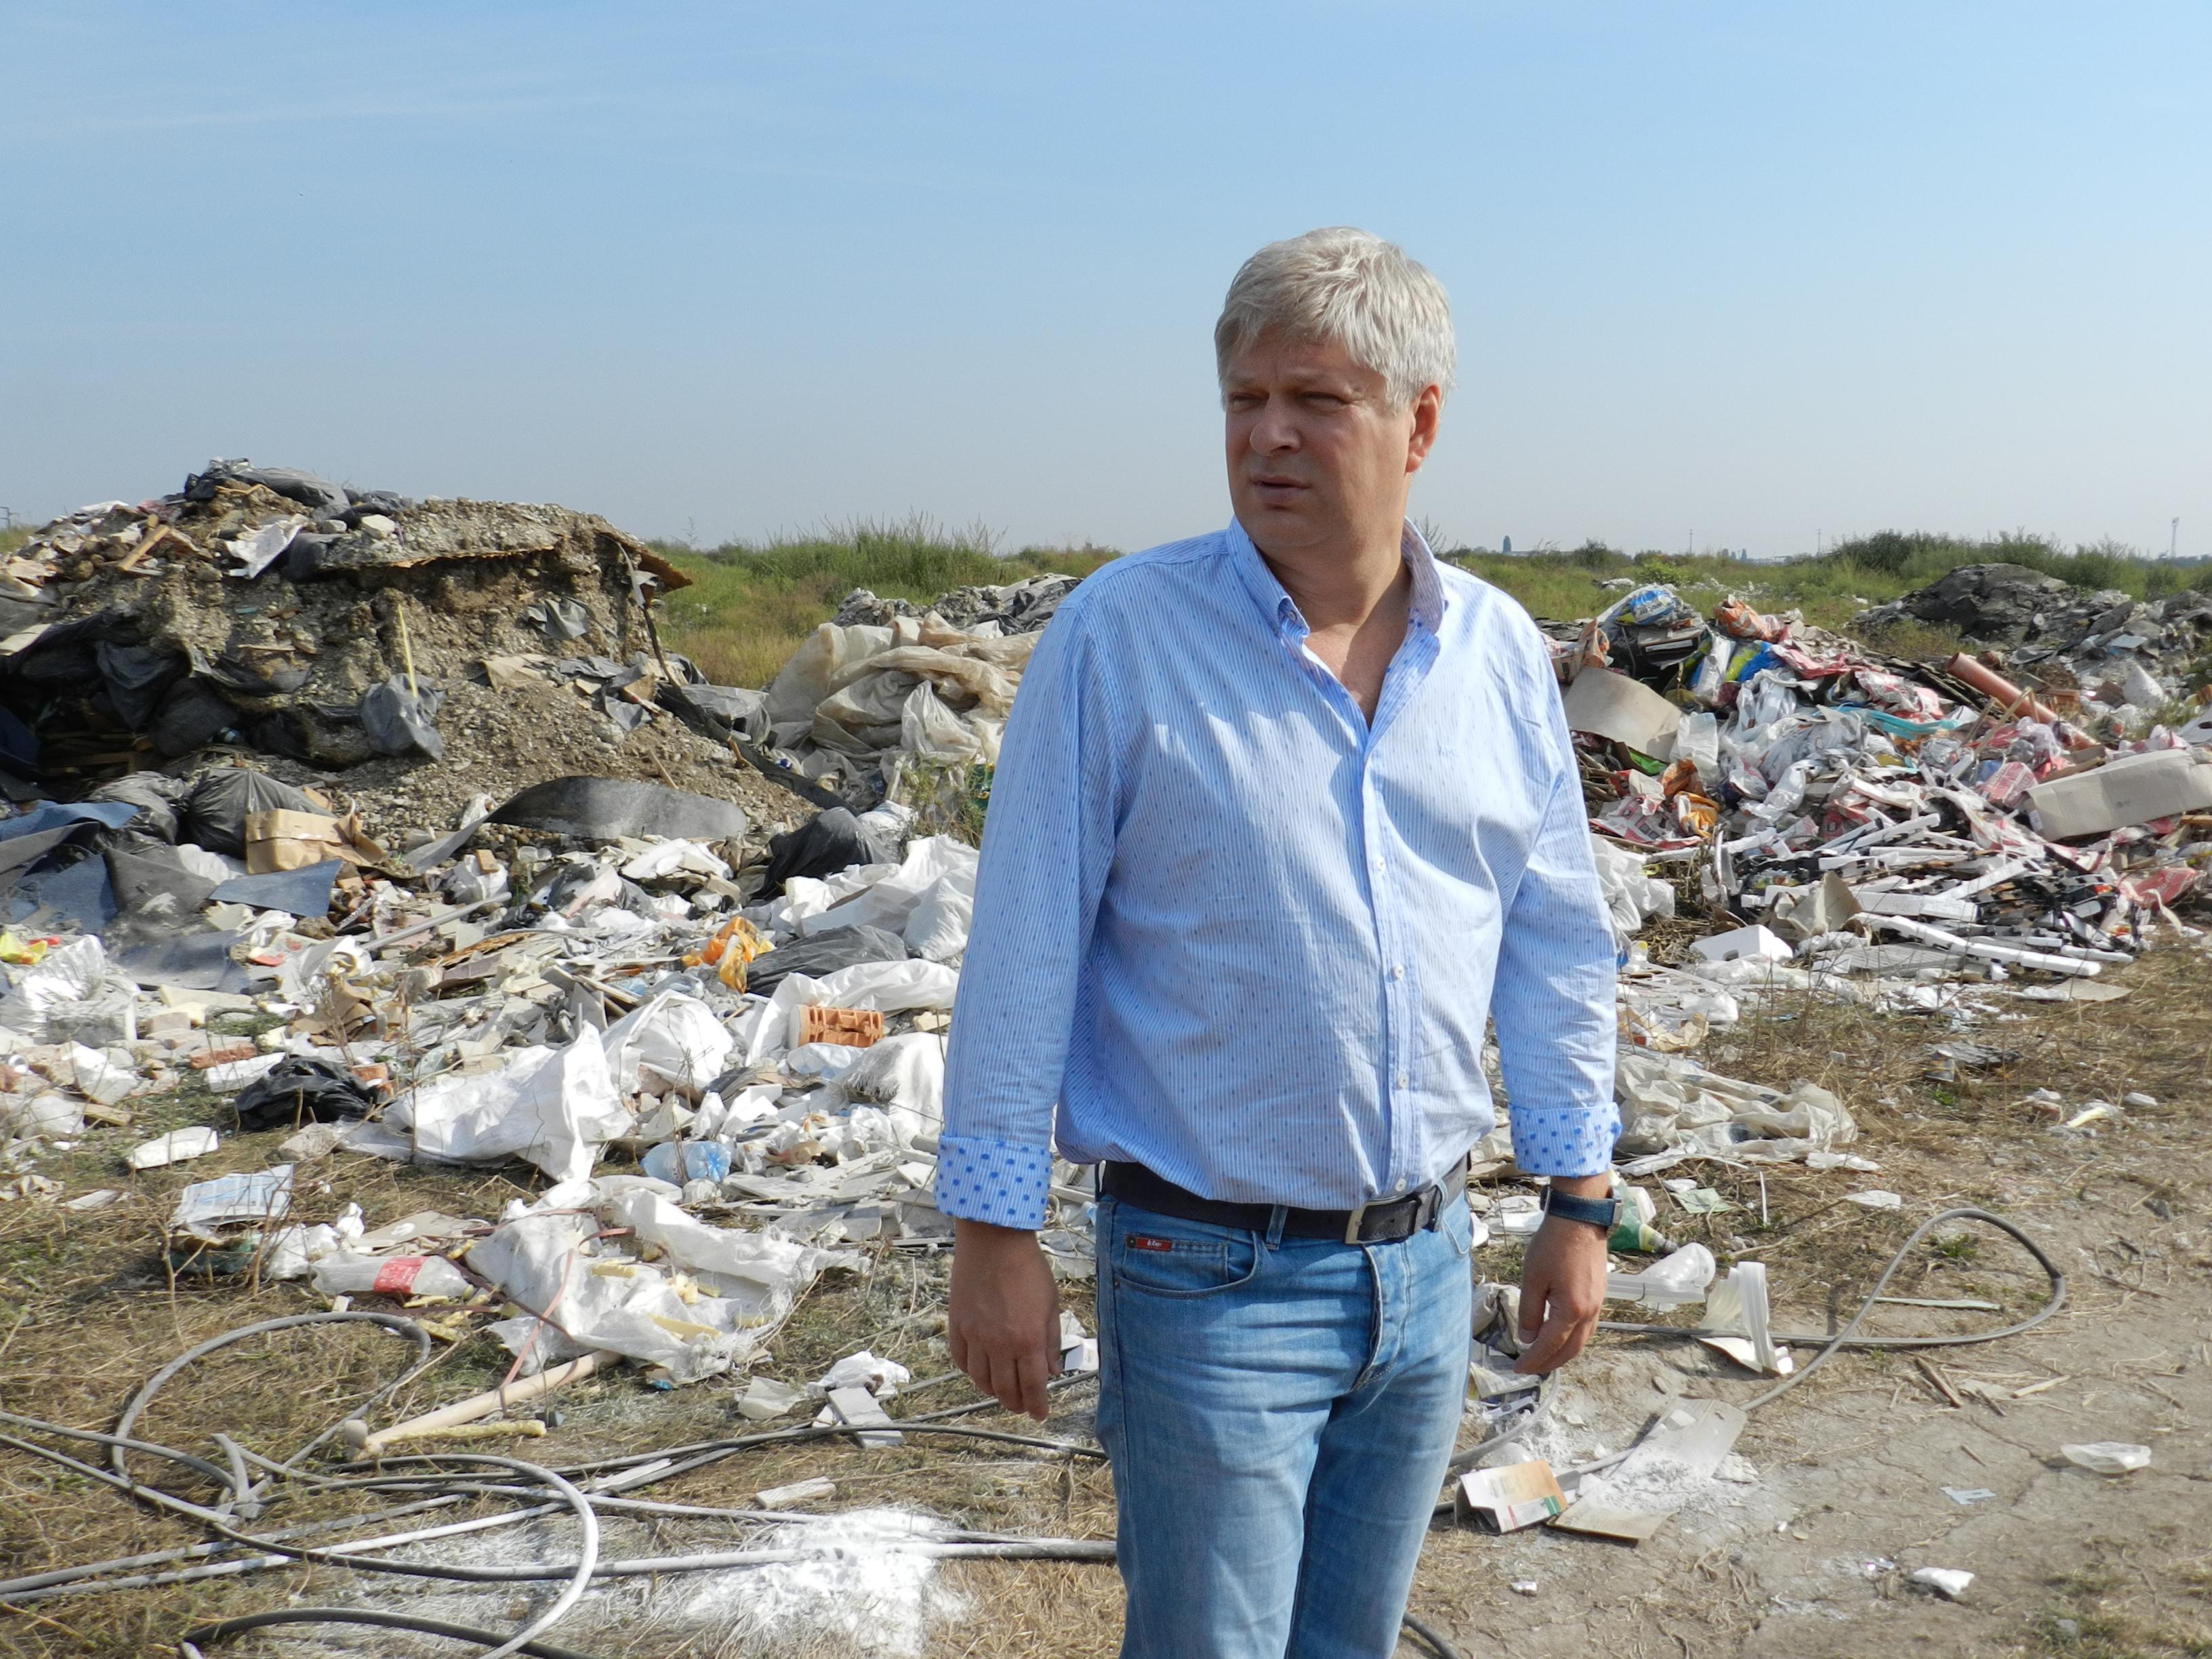 Groapa de gunoi care intoxicā locuitorii Sectorului 1